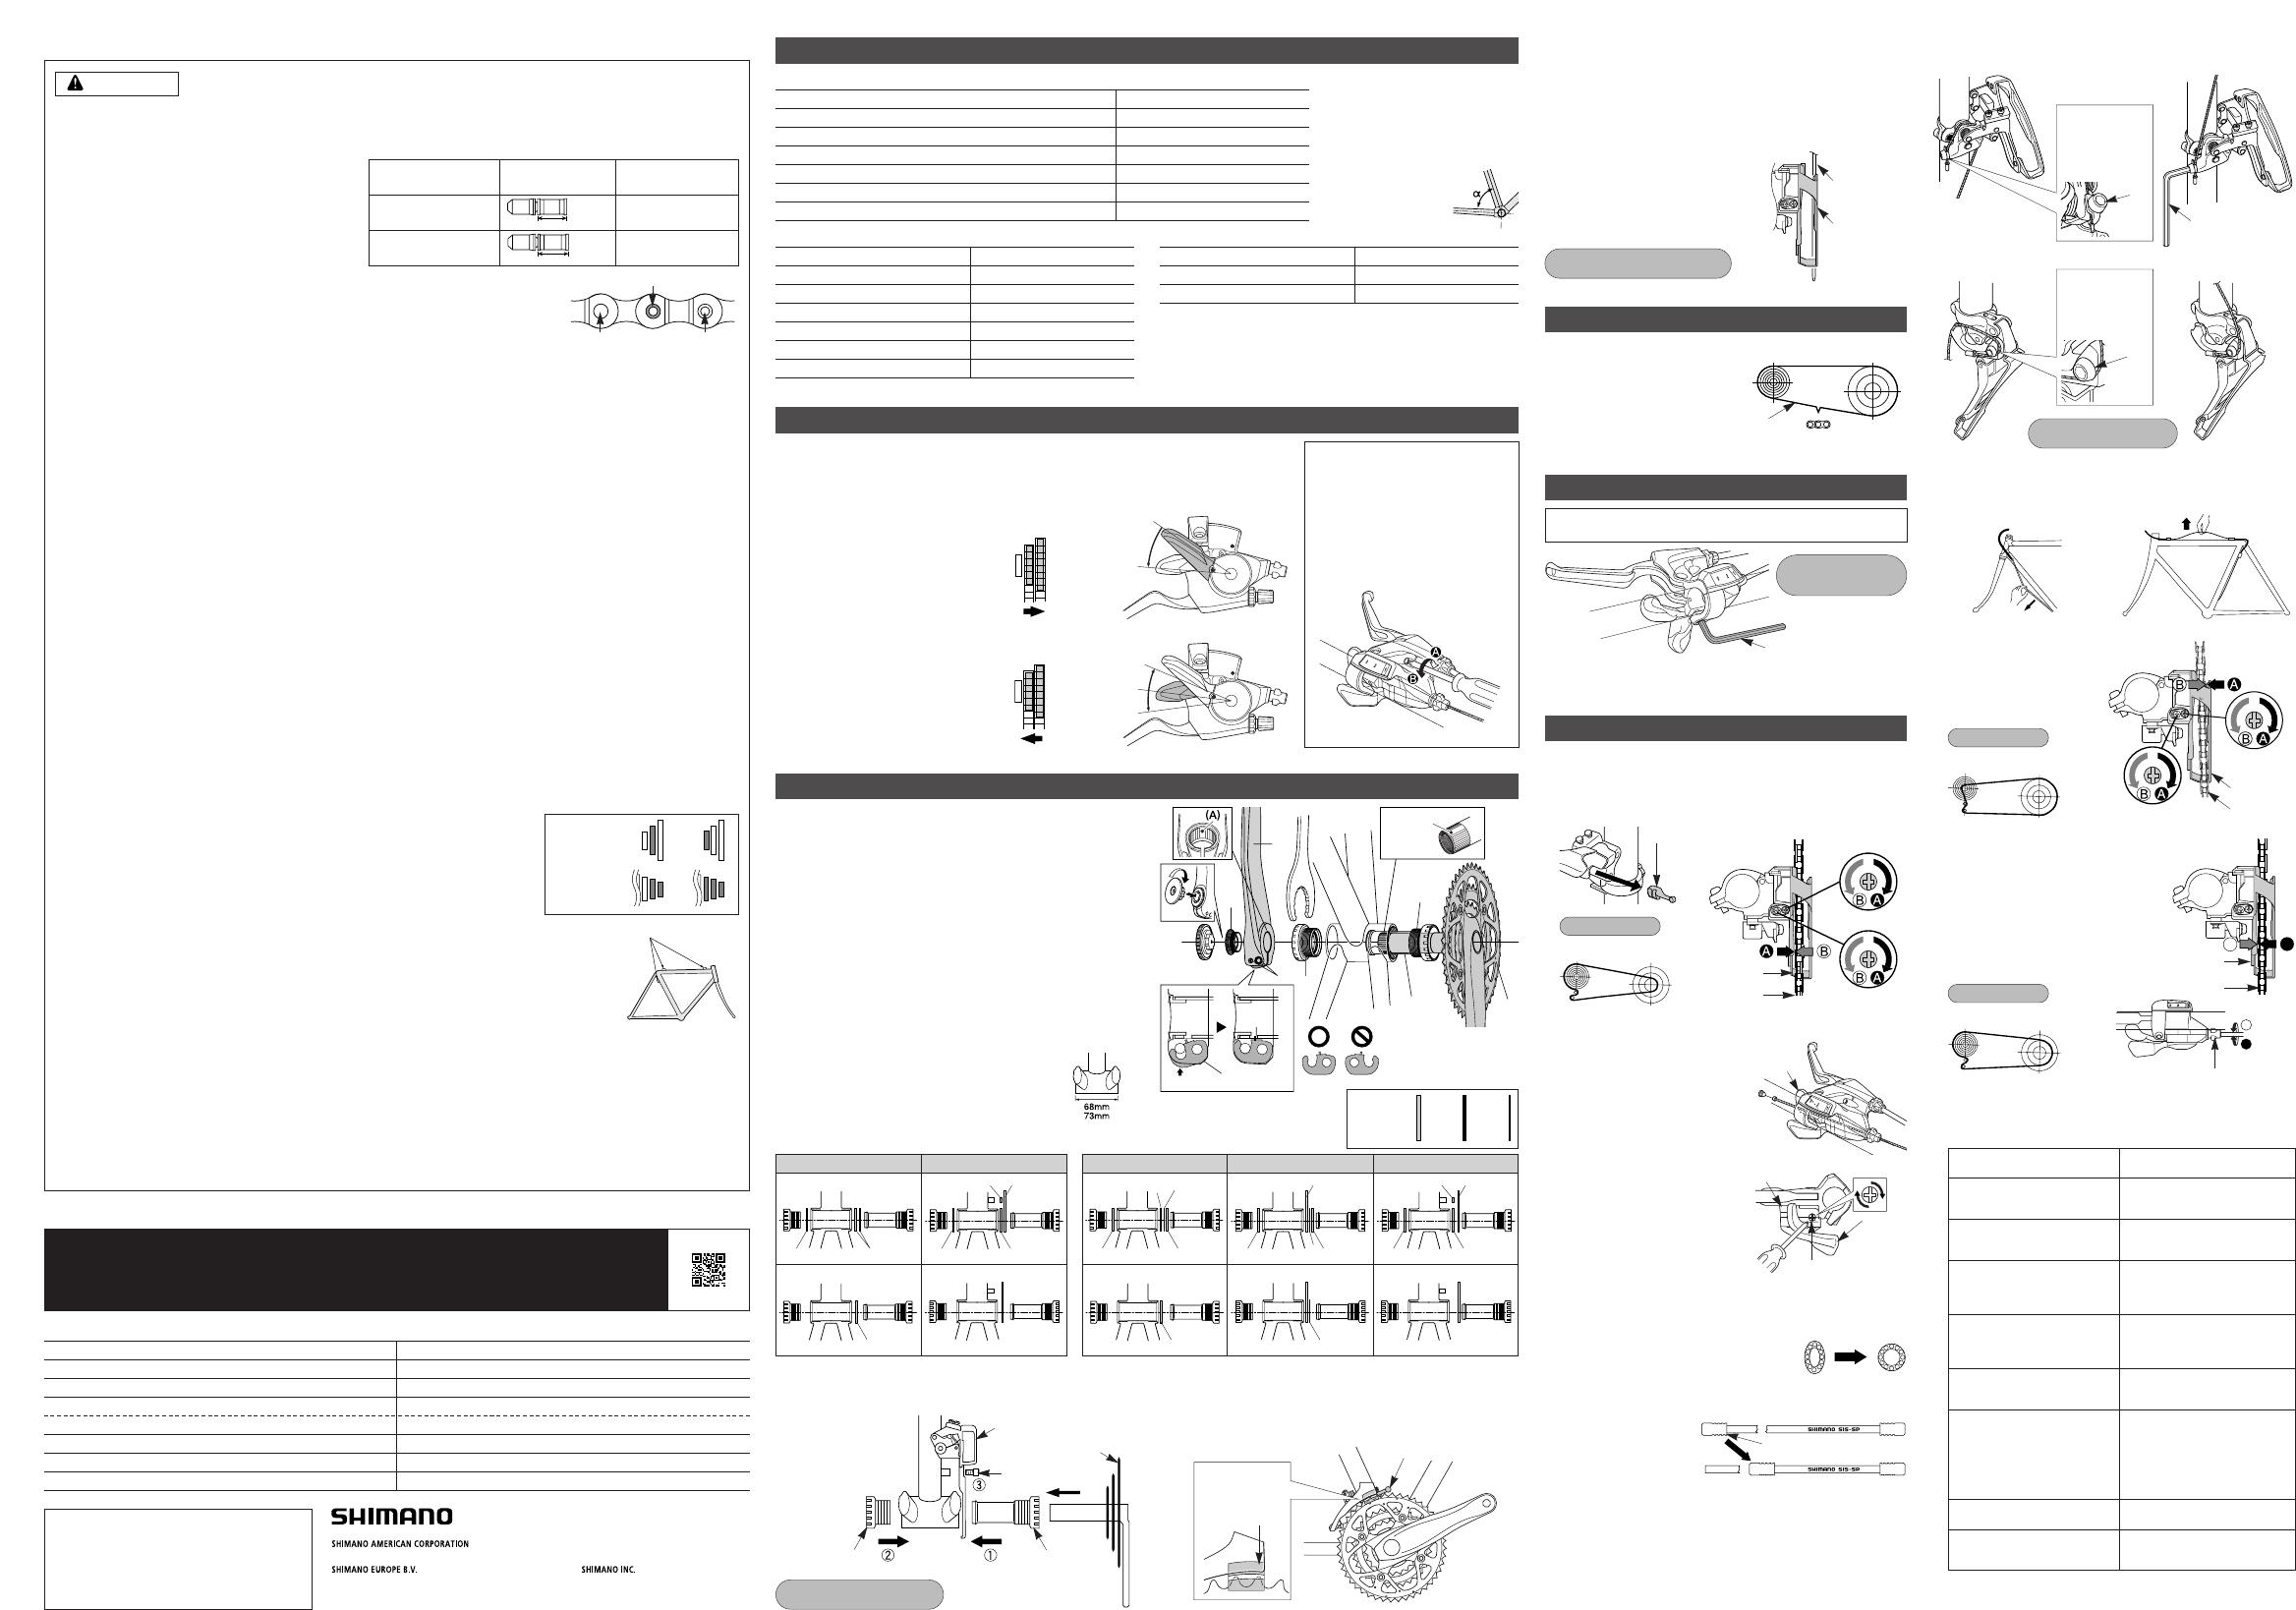 Shimano SL-M590 Indicator Unit Right